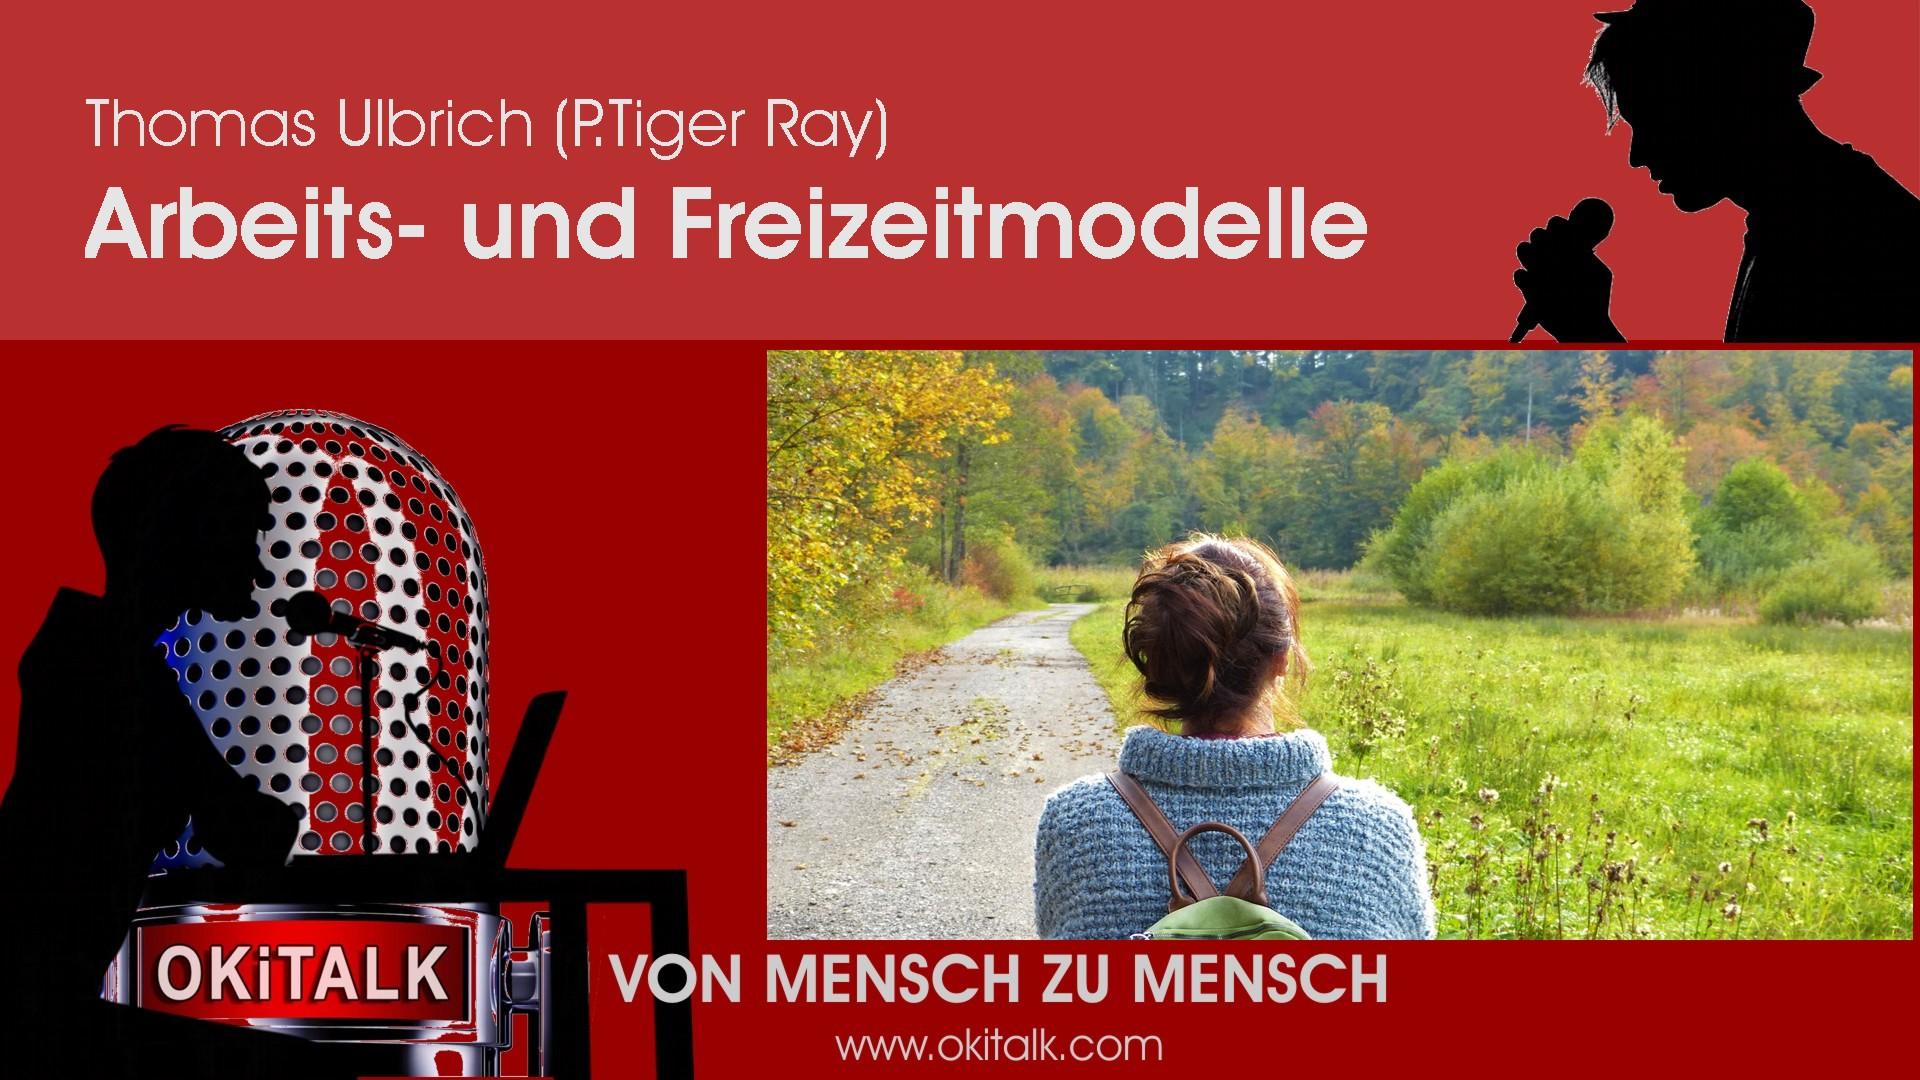 Arbeits- und Freizeitmodelle - P. Tiger Ray (Thomas Ulbrich)